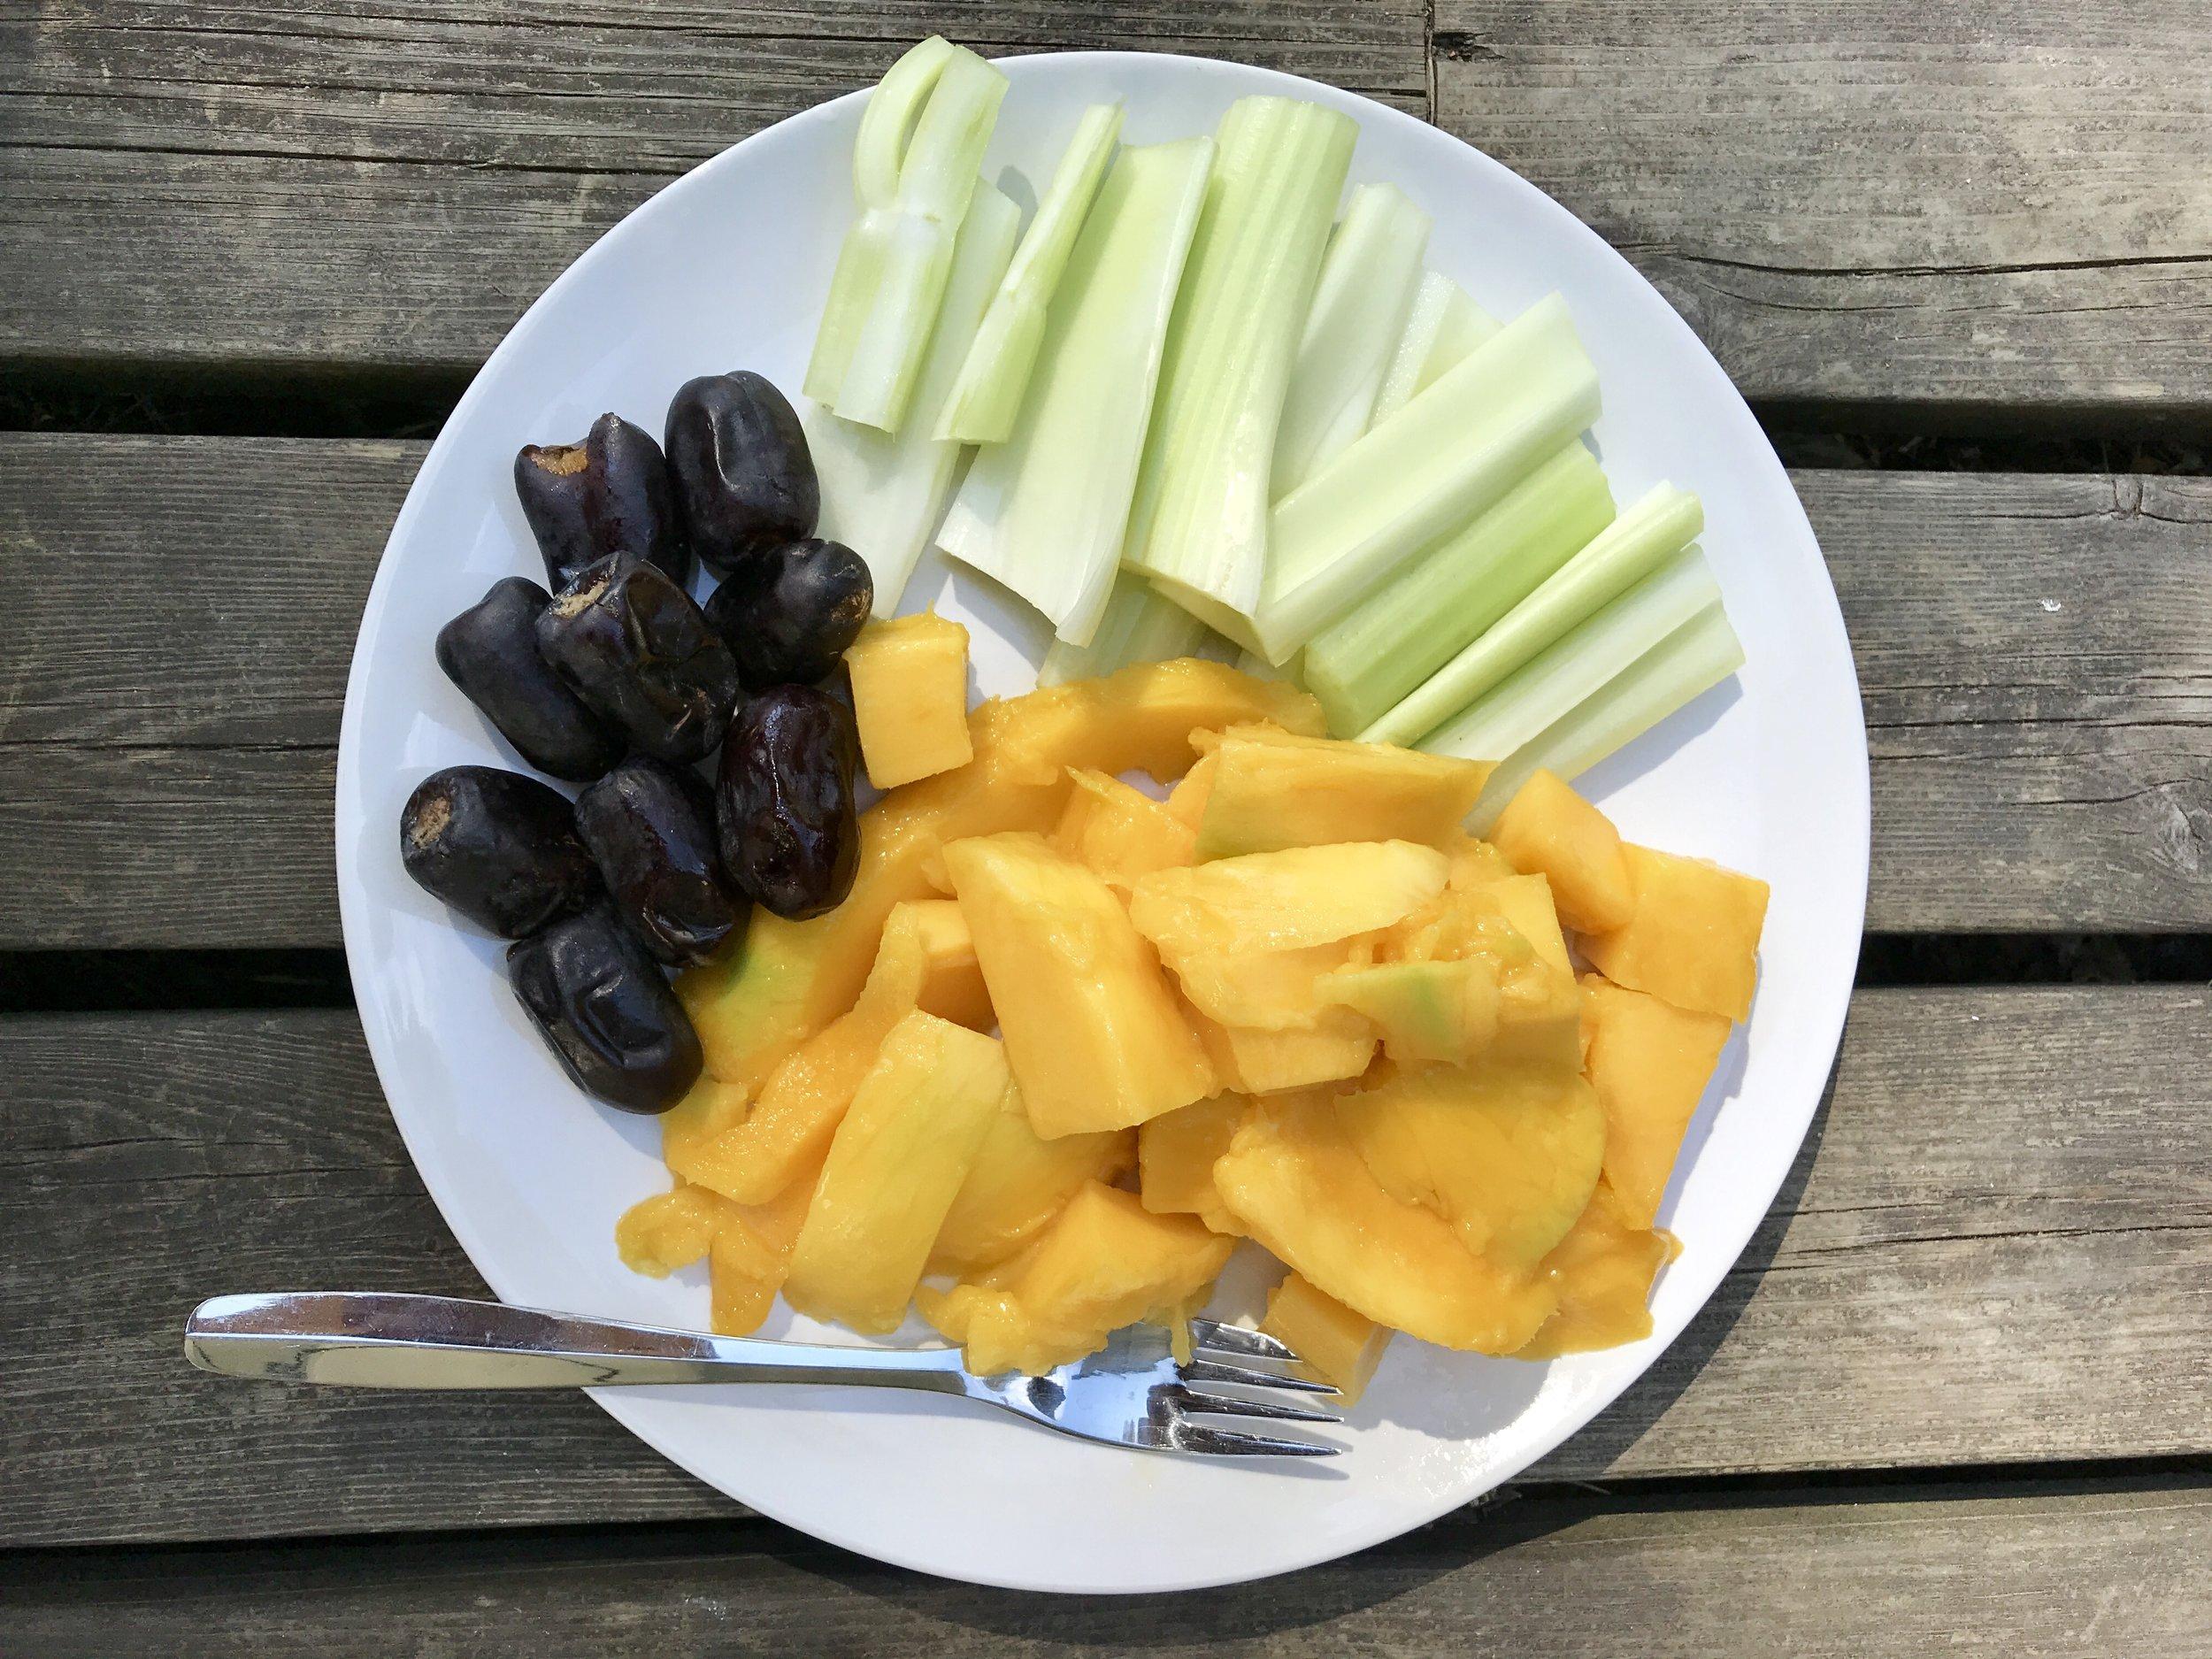 Mielitekoja vähentävä täydellinen ateria. Sokereita hedelmistä ja mineraalisuoloja selleristä. Kaunistavaa ravintoa.